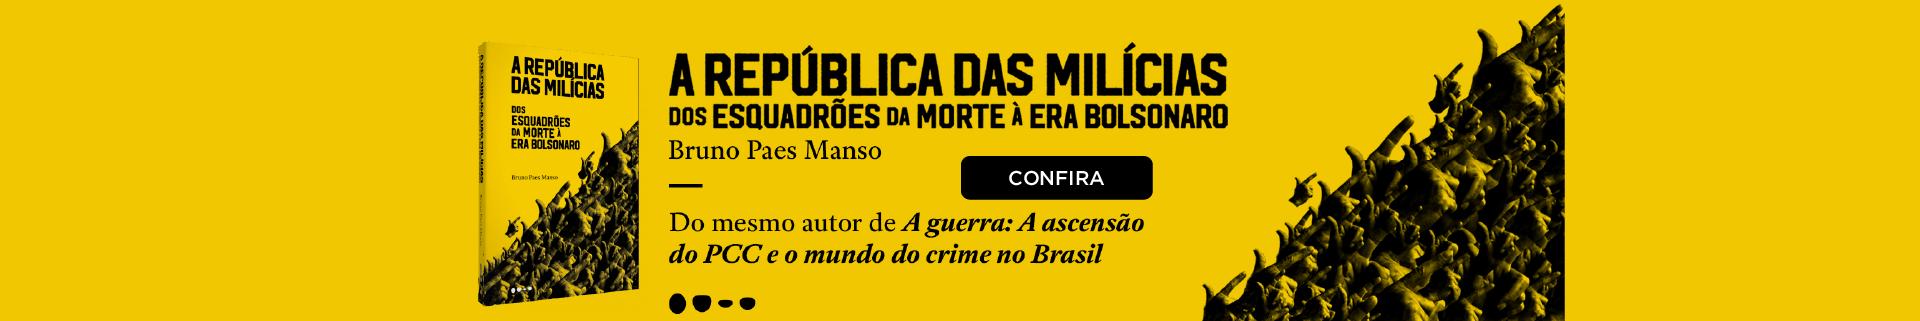 Republica das Milicias